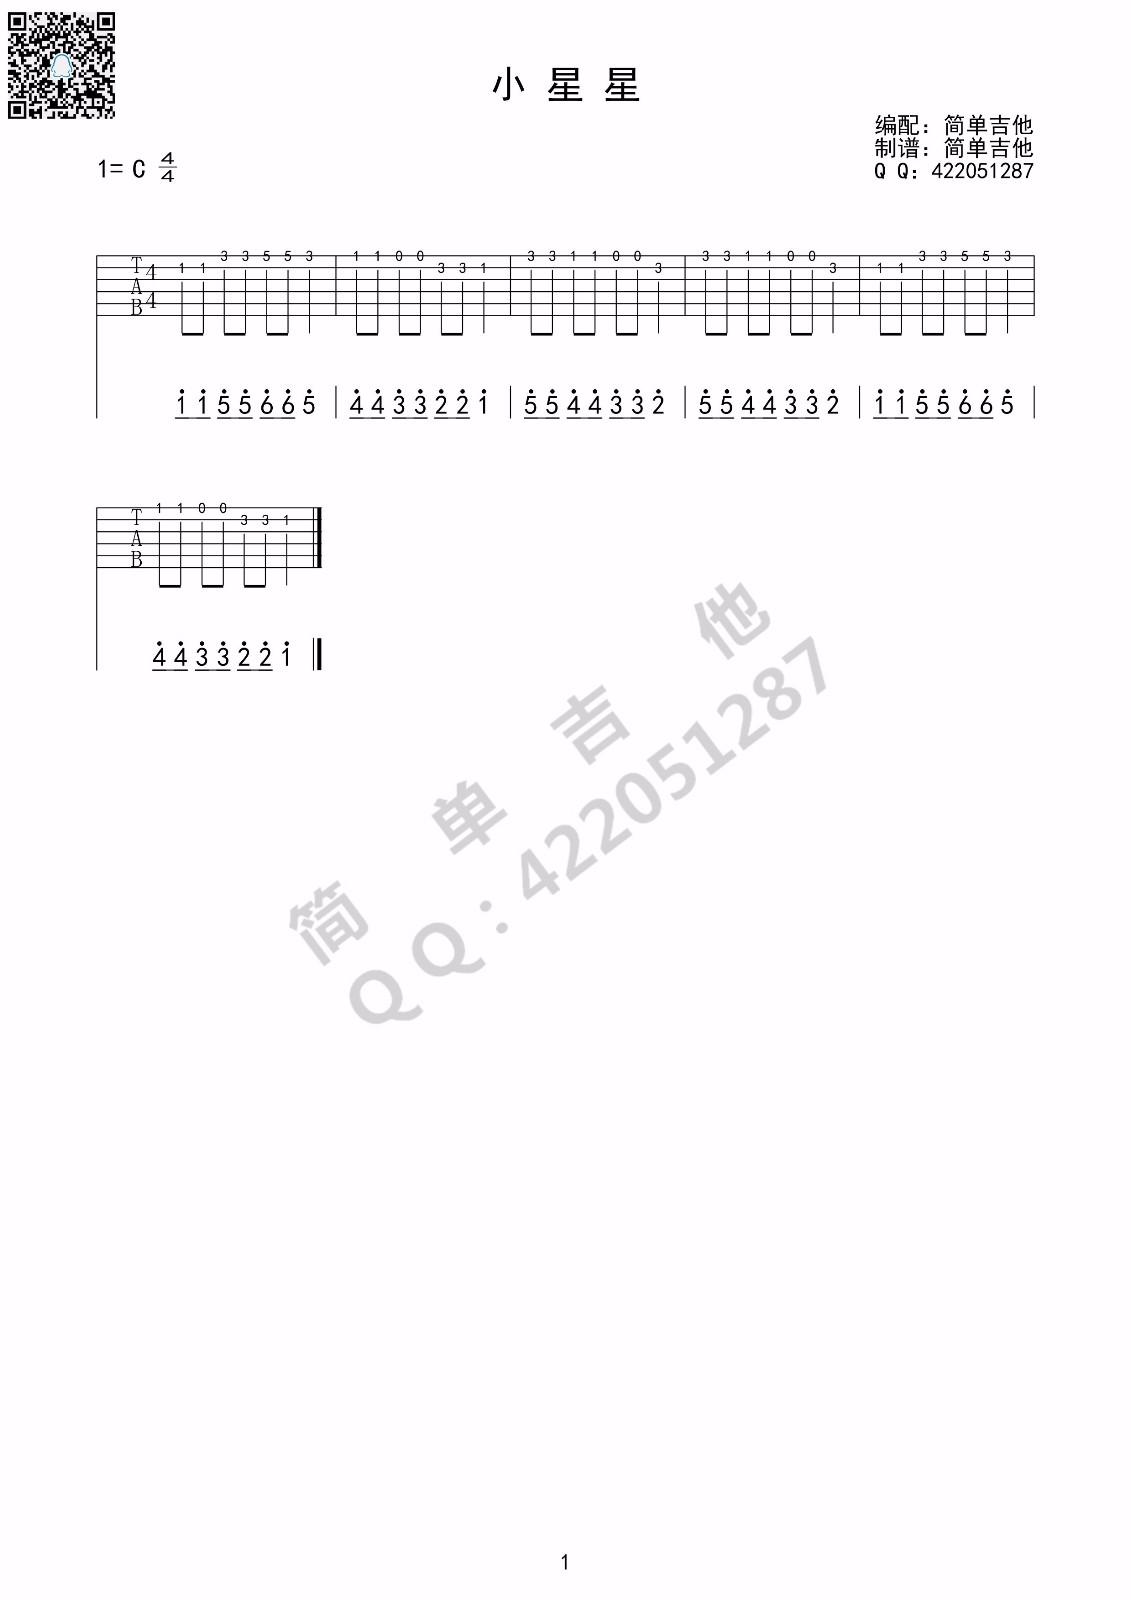 小星星(单音版) - 吉他谱(简单吉他编配制谱) - 嗨吉他